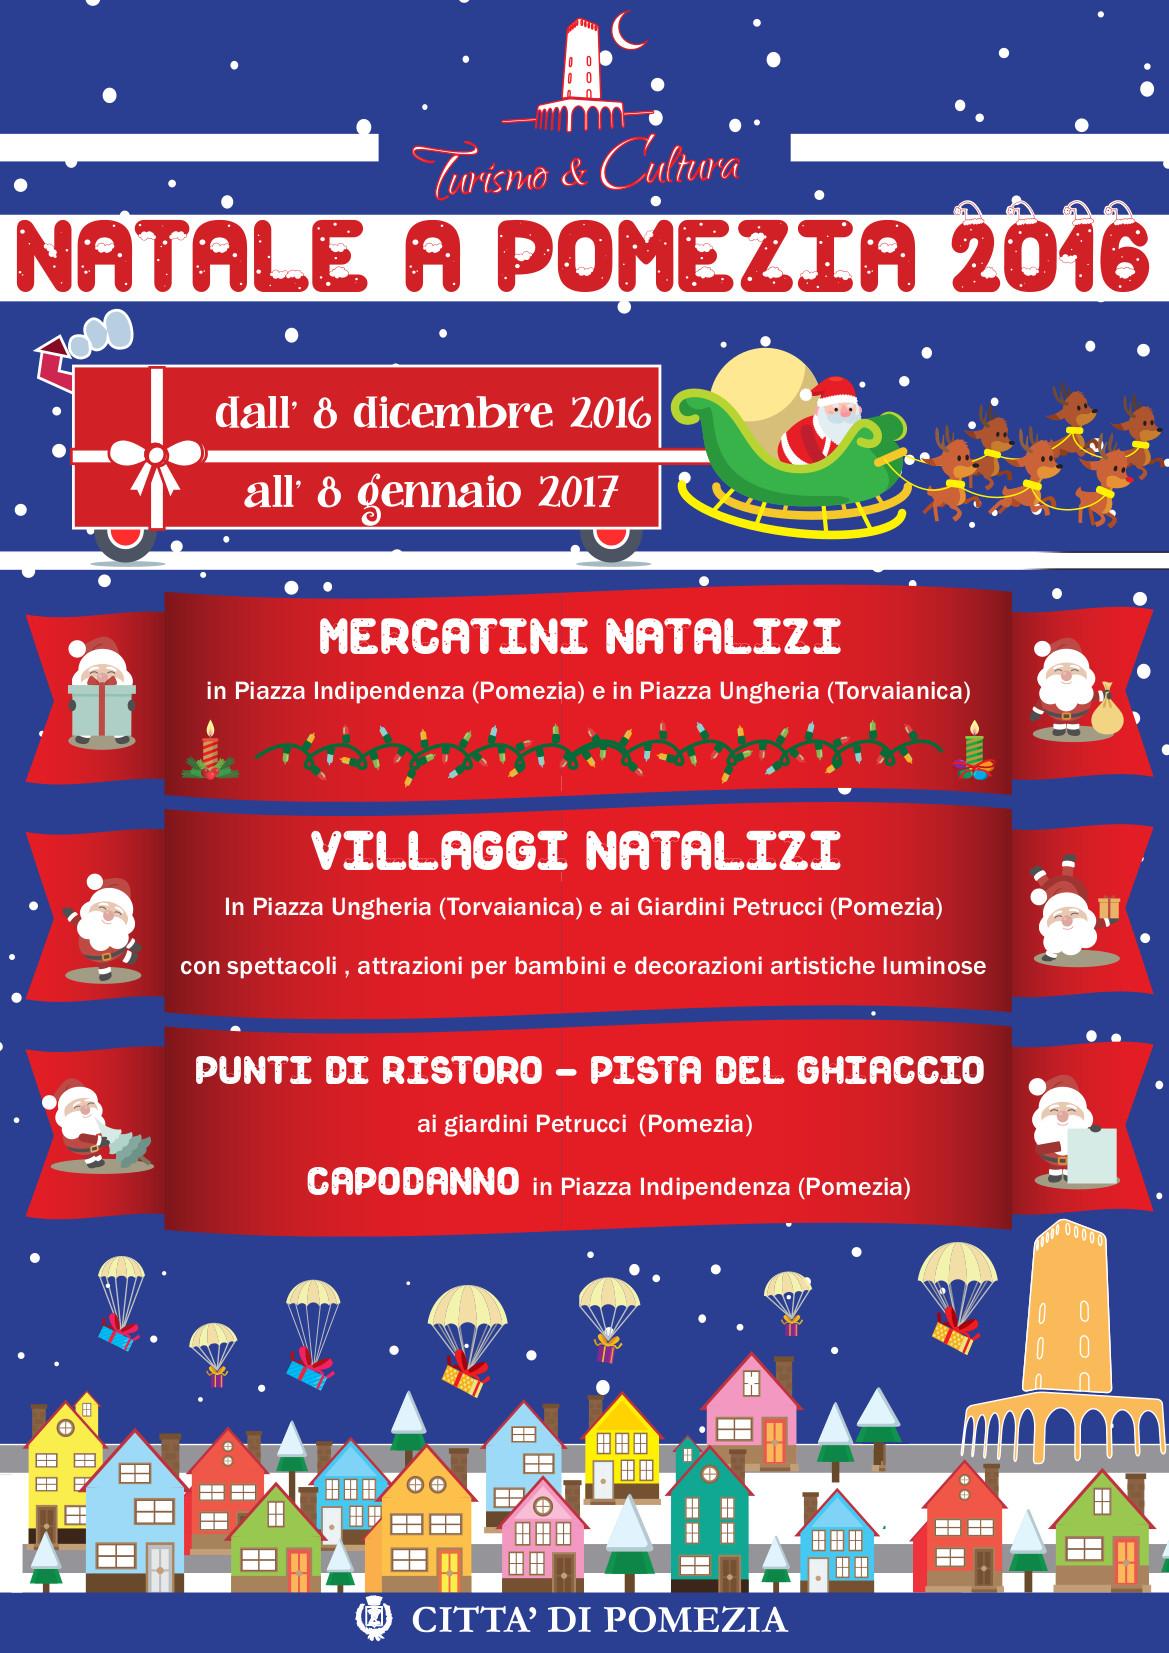 Pomezia Natale 2016 Il Programma Delle Attività Dall 8 Dicembre